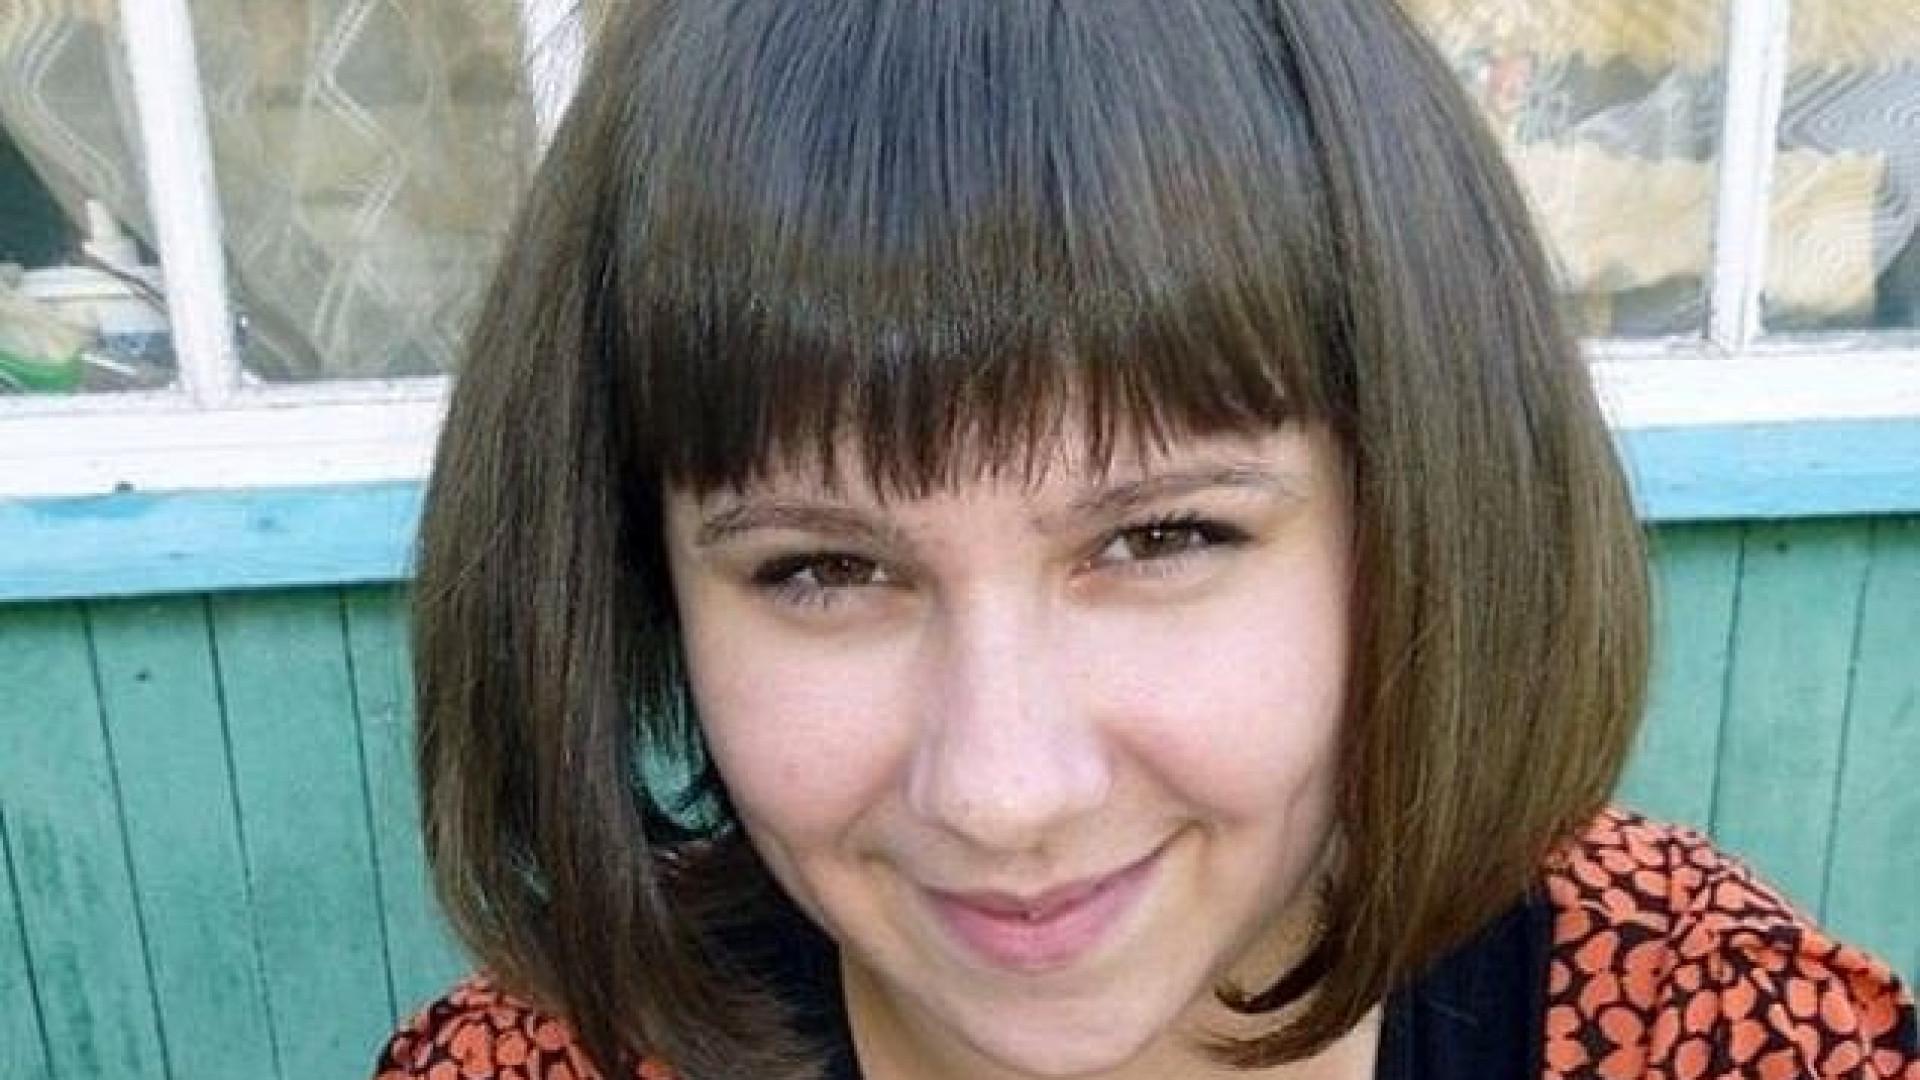 Mãe de 28 anos violada e morta por grupo de rapazes menores de idade